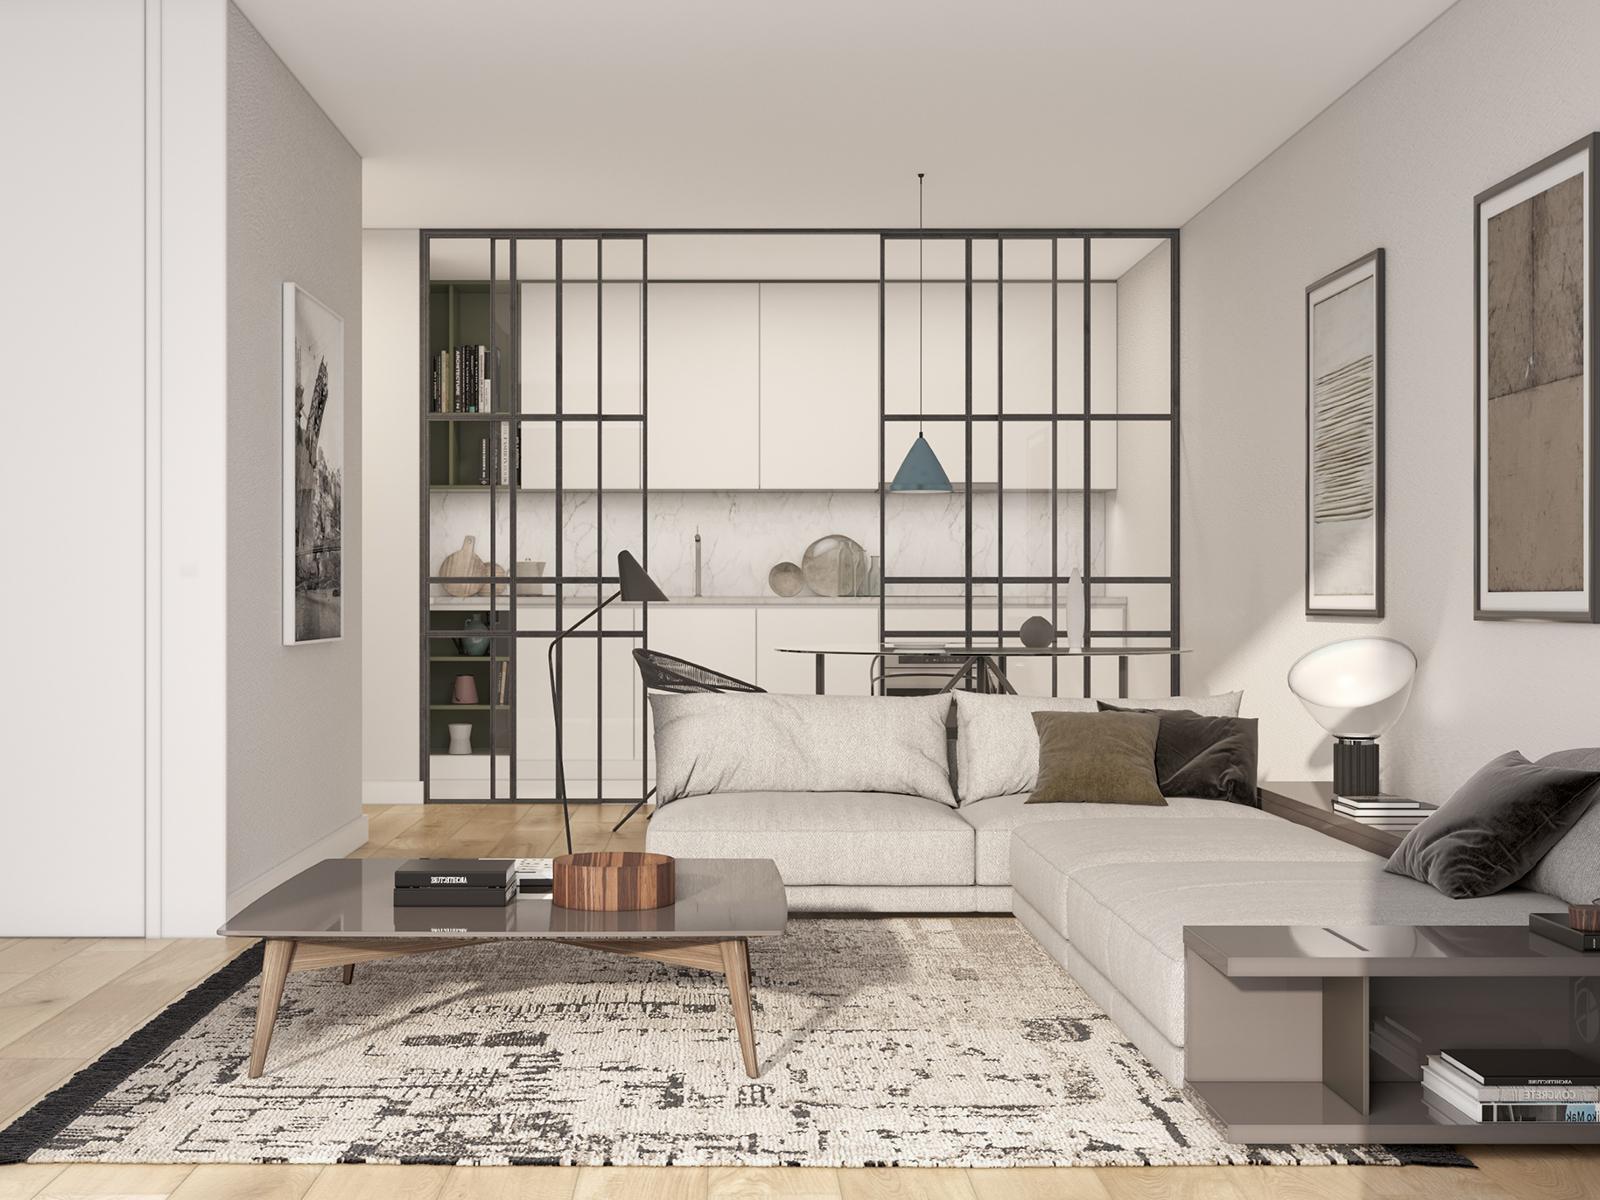 למכירה, דירת 3 חדרים, מטרופולין פורטו